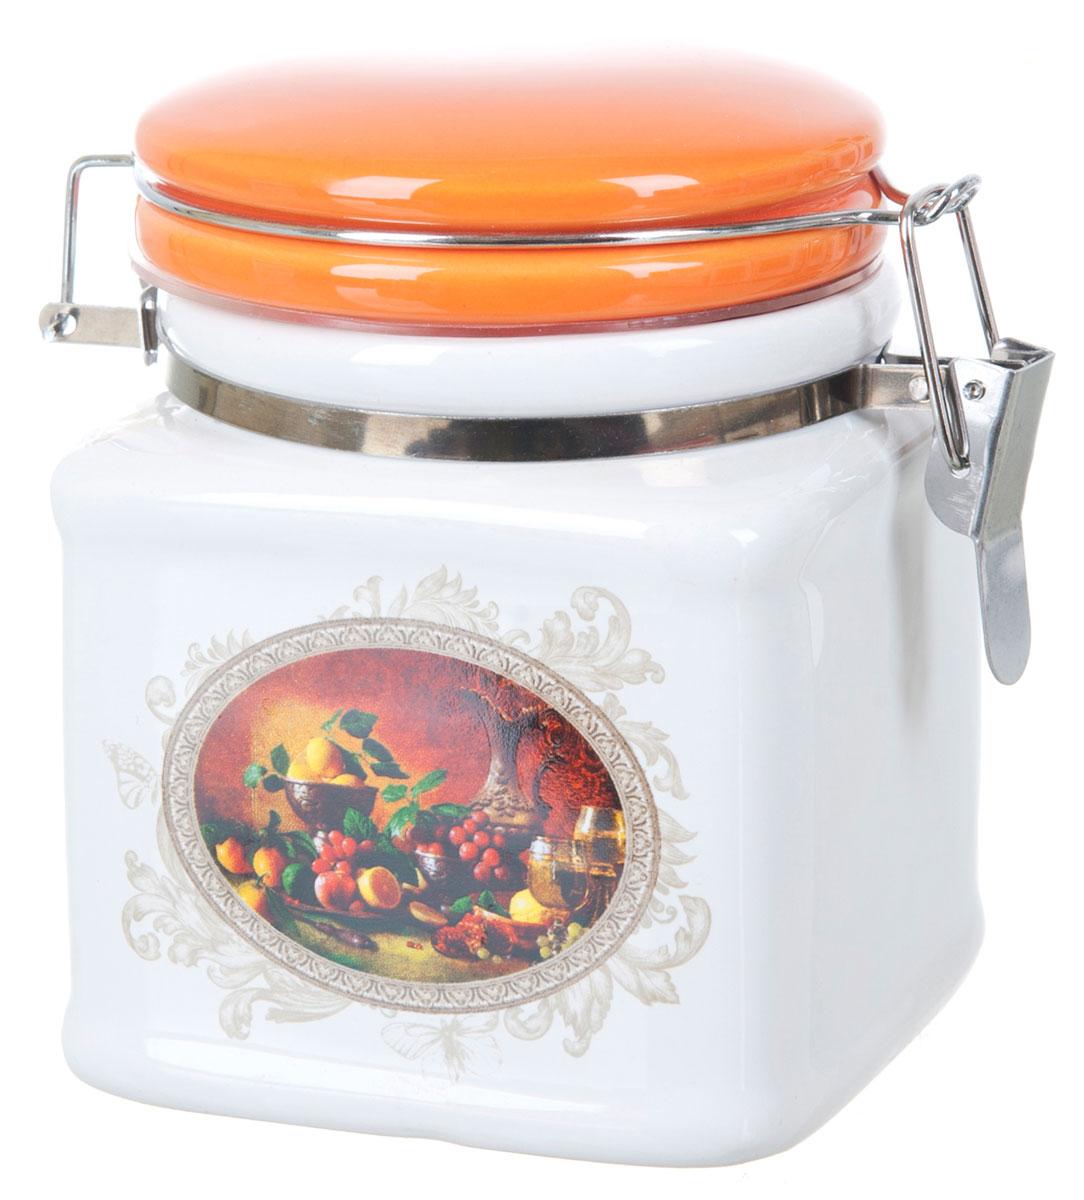 Банка для сыпучих продуктов Polystar Севилья, 500 млL2520572Банка для сыпучих продуктов изготовлена из прочной доломитовой керамики, покрытой слоем сверкающей гладкой глазури. Изделие оформлено красочным изображением. Банка прекрасно подойдет для хранения различных сыпучих продуктов: чая, кофе, сахара, круп и многого другого. Благодаря силиконовой прослойке и бугельному замку, крышка герметично закрывается, что позволяет дольше сохранять продукты свежими. Изящная емкость не только поможет хранить разнообразные сыпучие продукты, но и стильно дополнит интерьер кухни. Изделие подходит для использования в посудомоечной машине и в холодильнике.